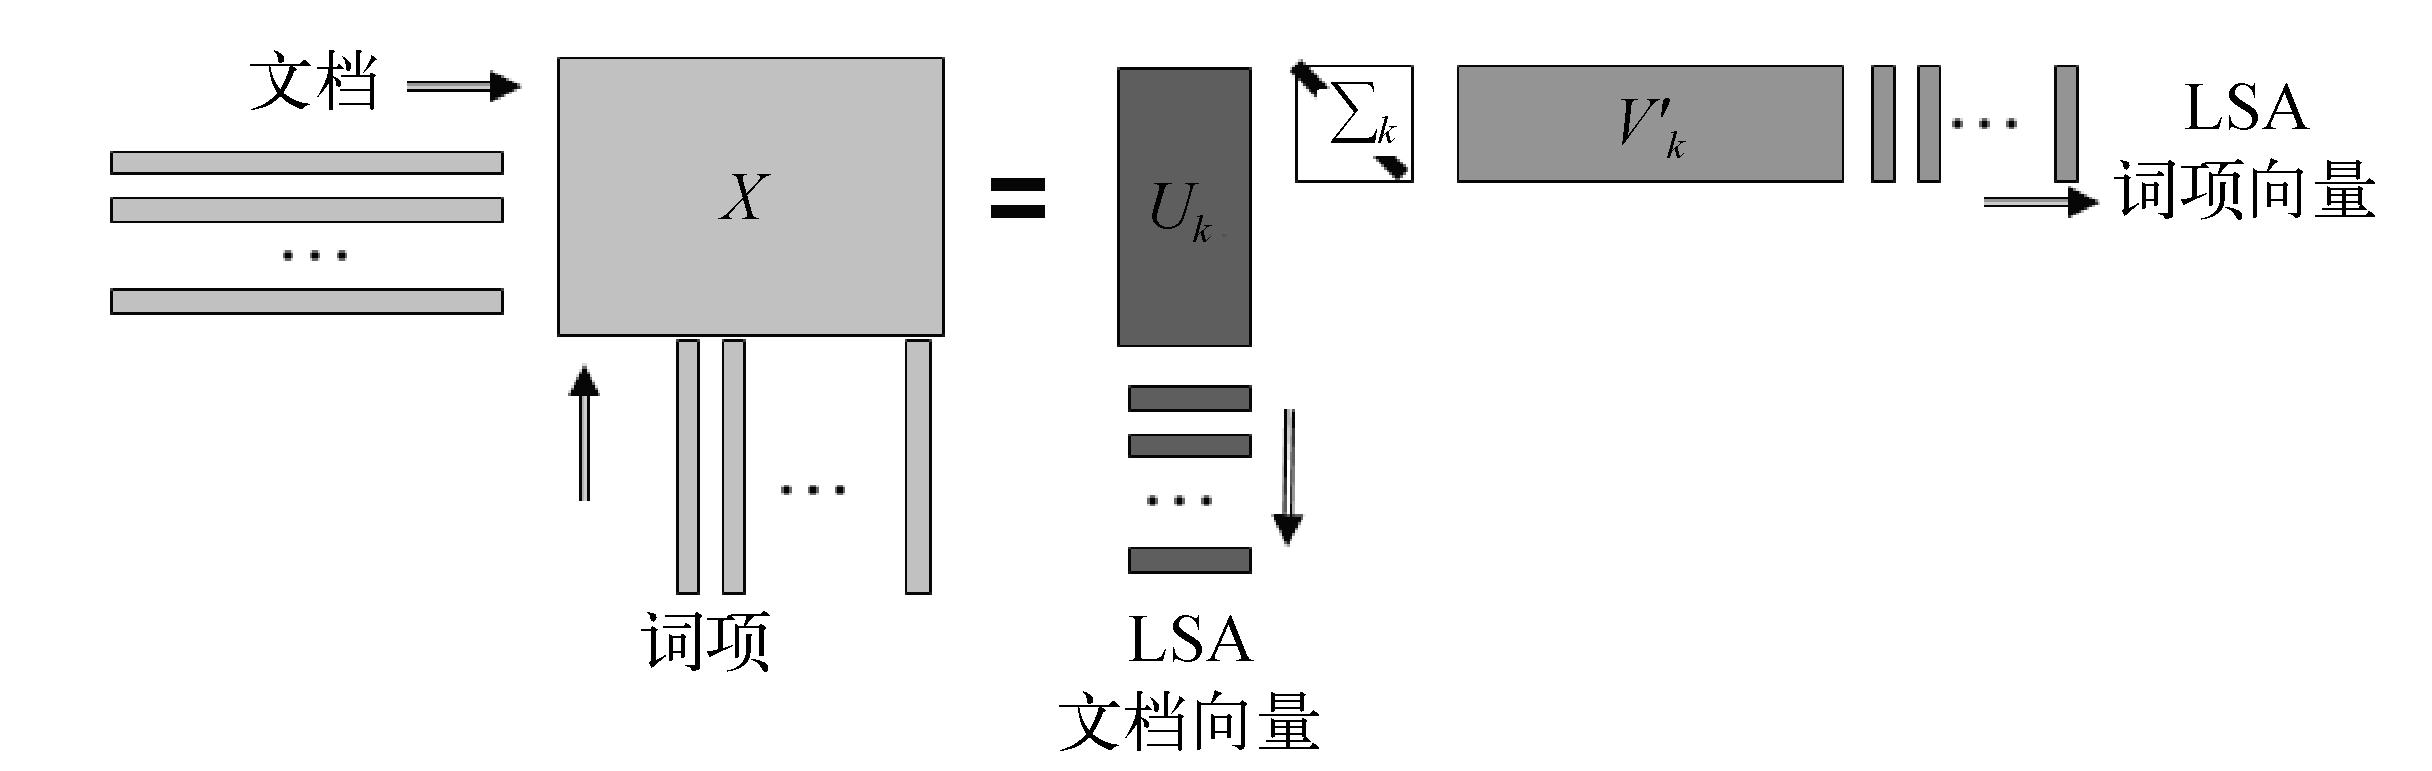 图5 潜在语义分析对词文档共现矩阵的分解示意